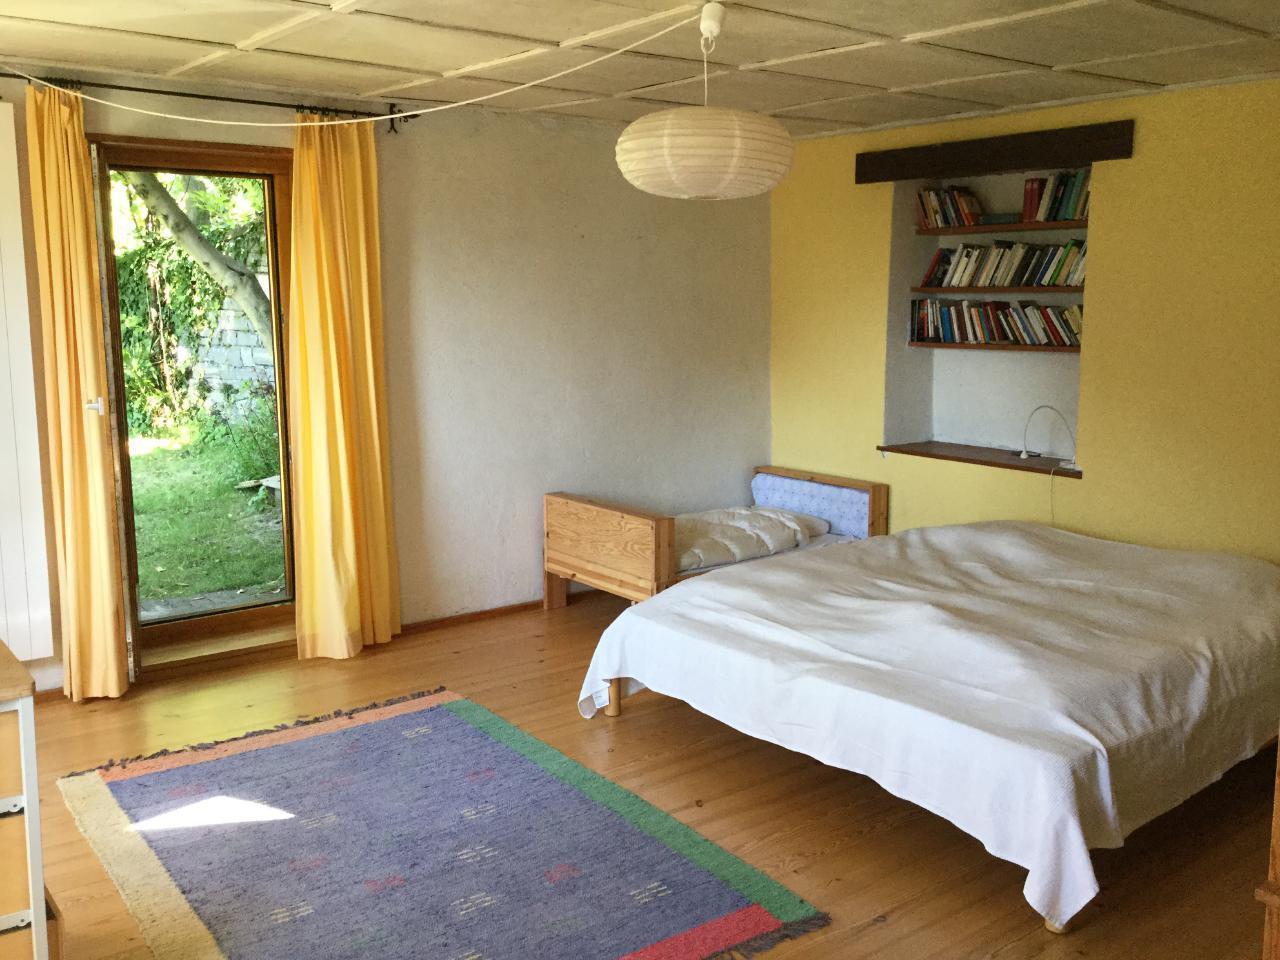 Ferienhaus Traumferienhaus (744814), Cevio, Maggiatal, Tessin, Schweiz, Bild 8